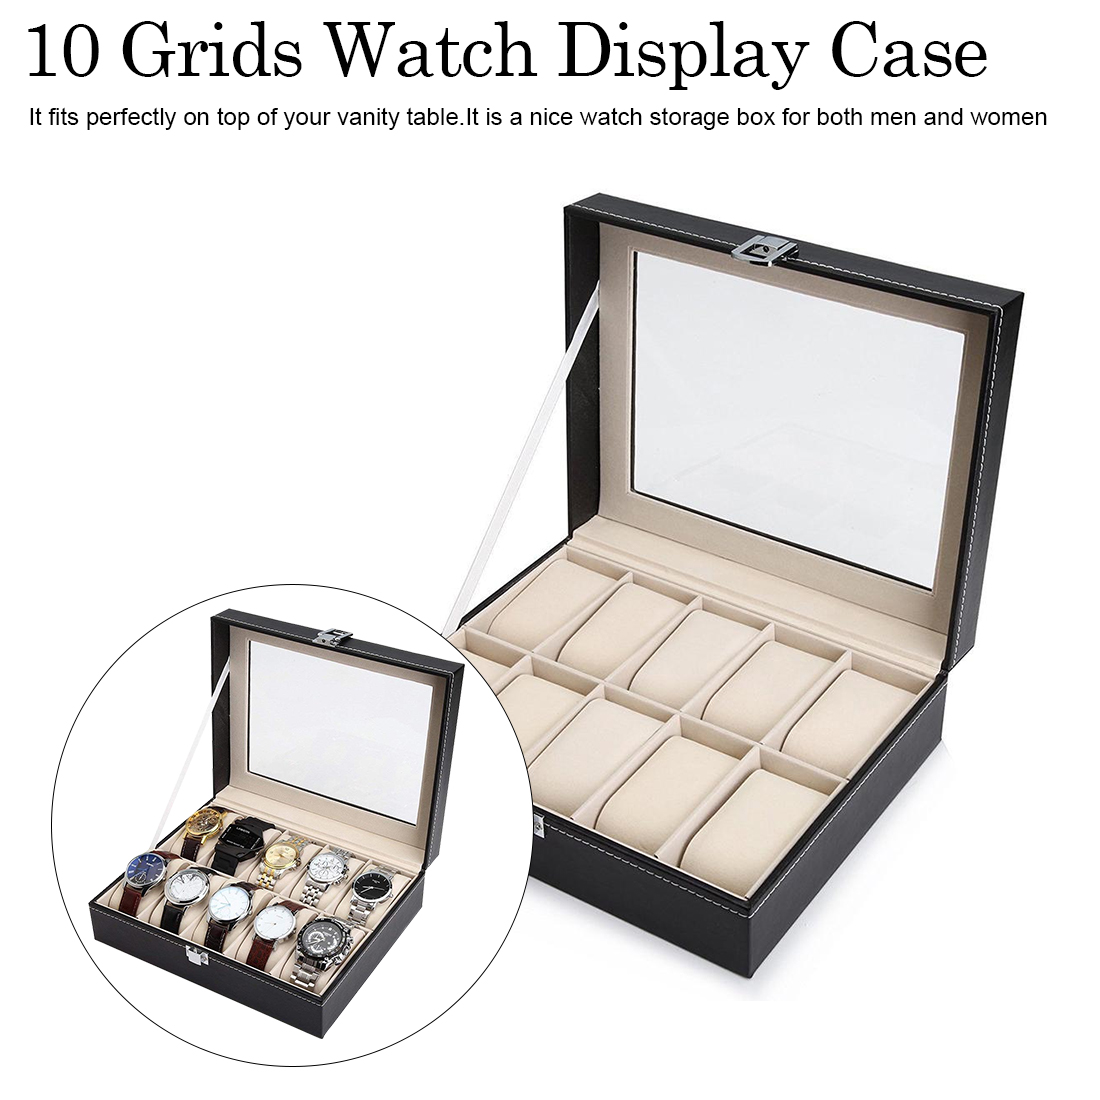 Montre boîte d'affichage Multi fonction montres support de la boîte boîtier pour bijoux cher montre stockage montre-bracelet boîte